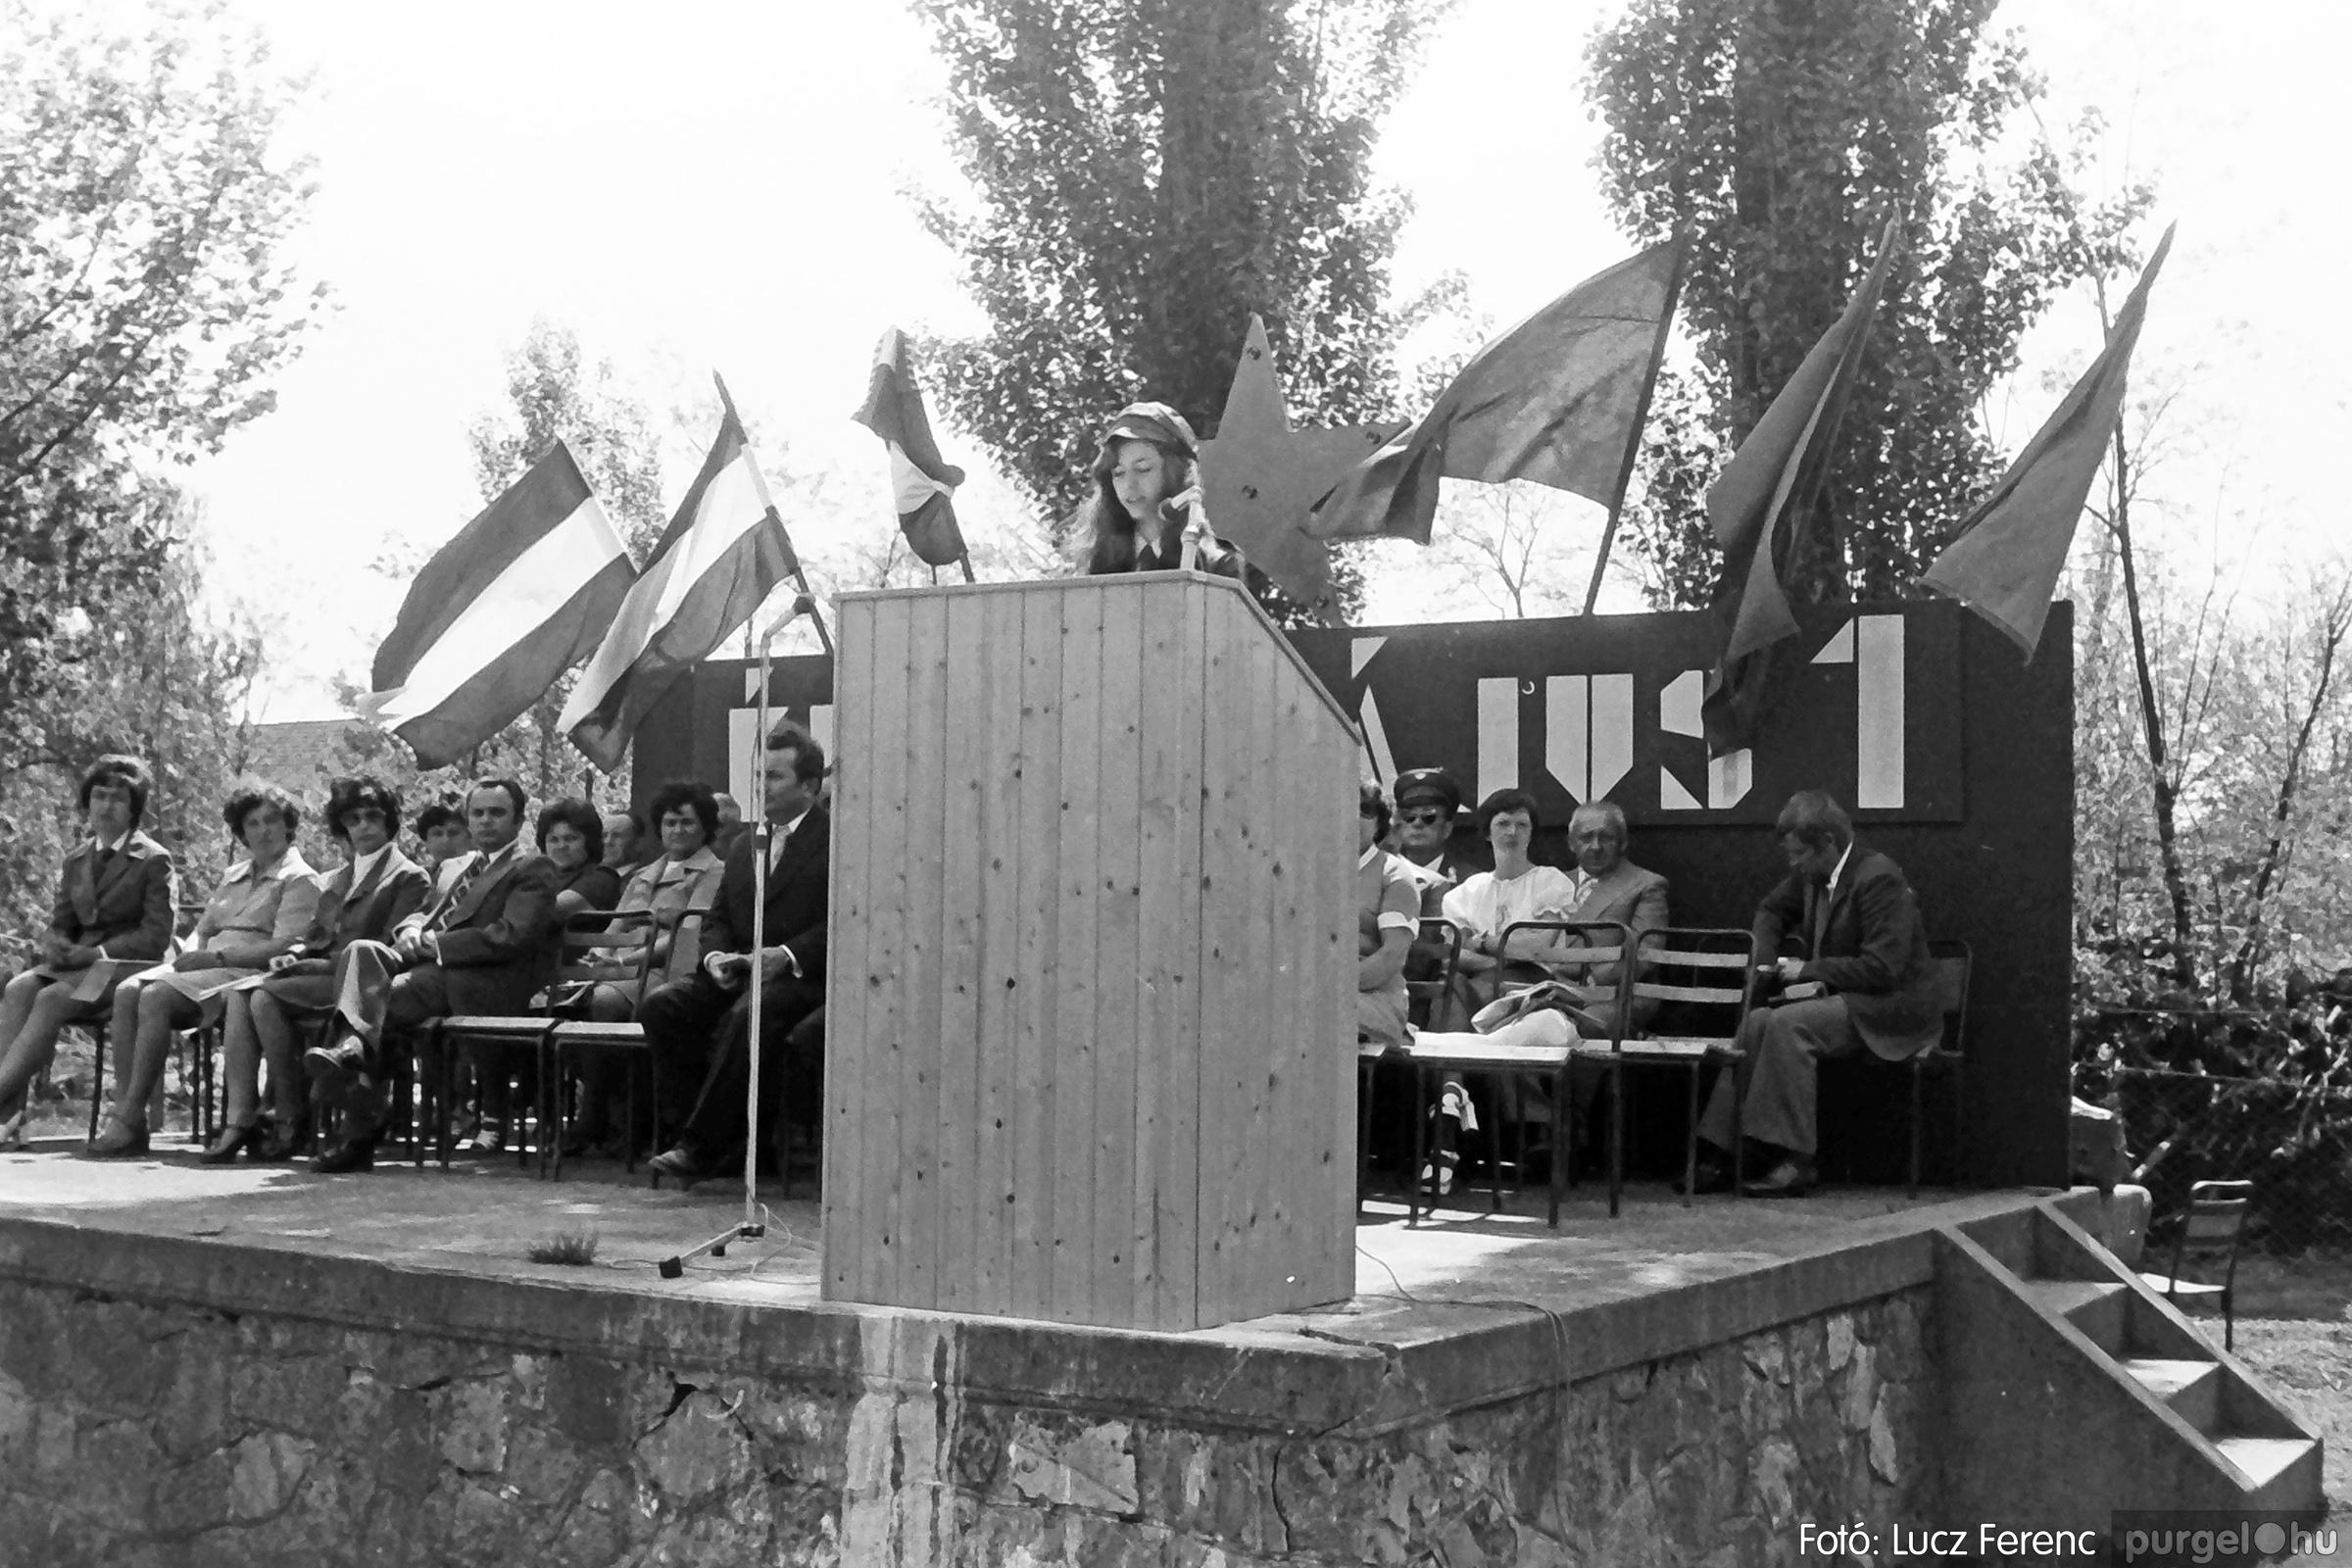 080. 1977.05.01. Éljen május elseje! 024. - Fotó: Lucz Ferenc.jpg